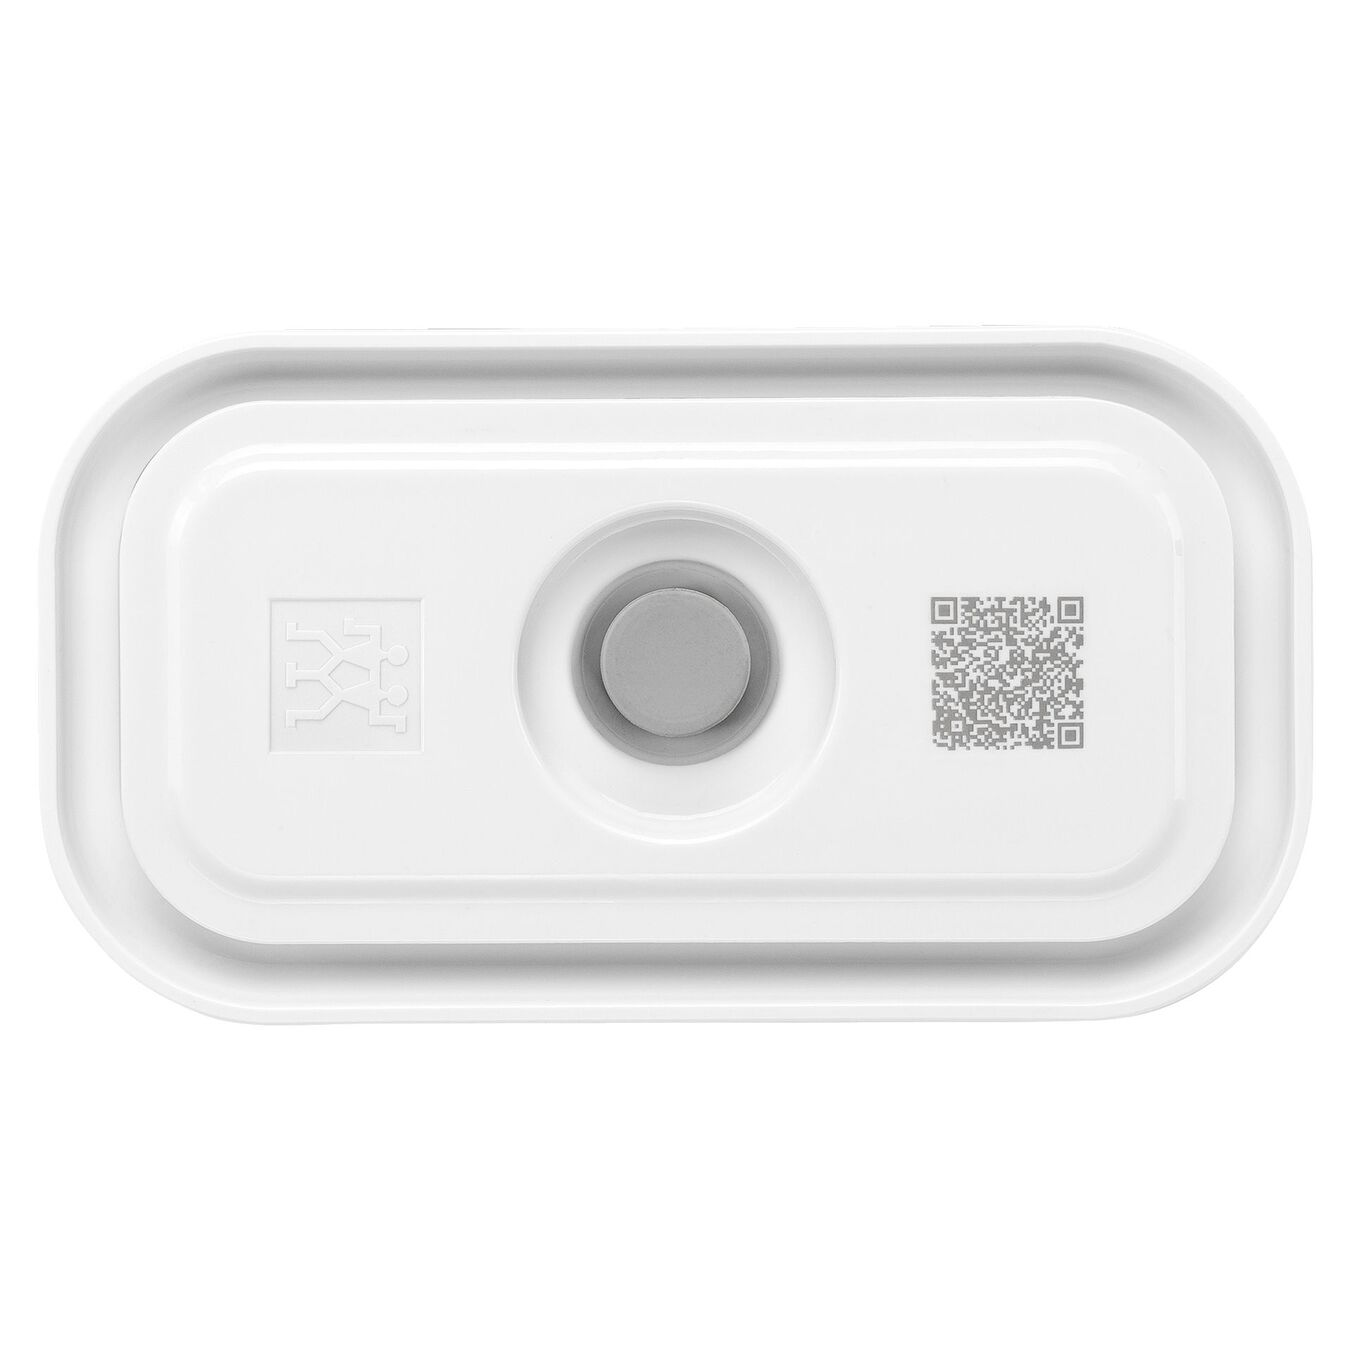 Contenitore sottovuoto - S, vetro borosilicato, bianco,,large 2